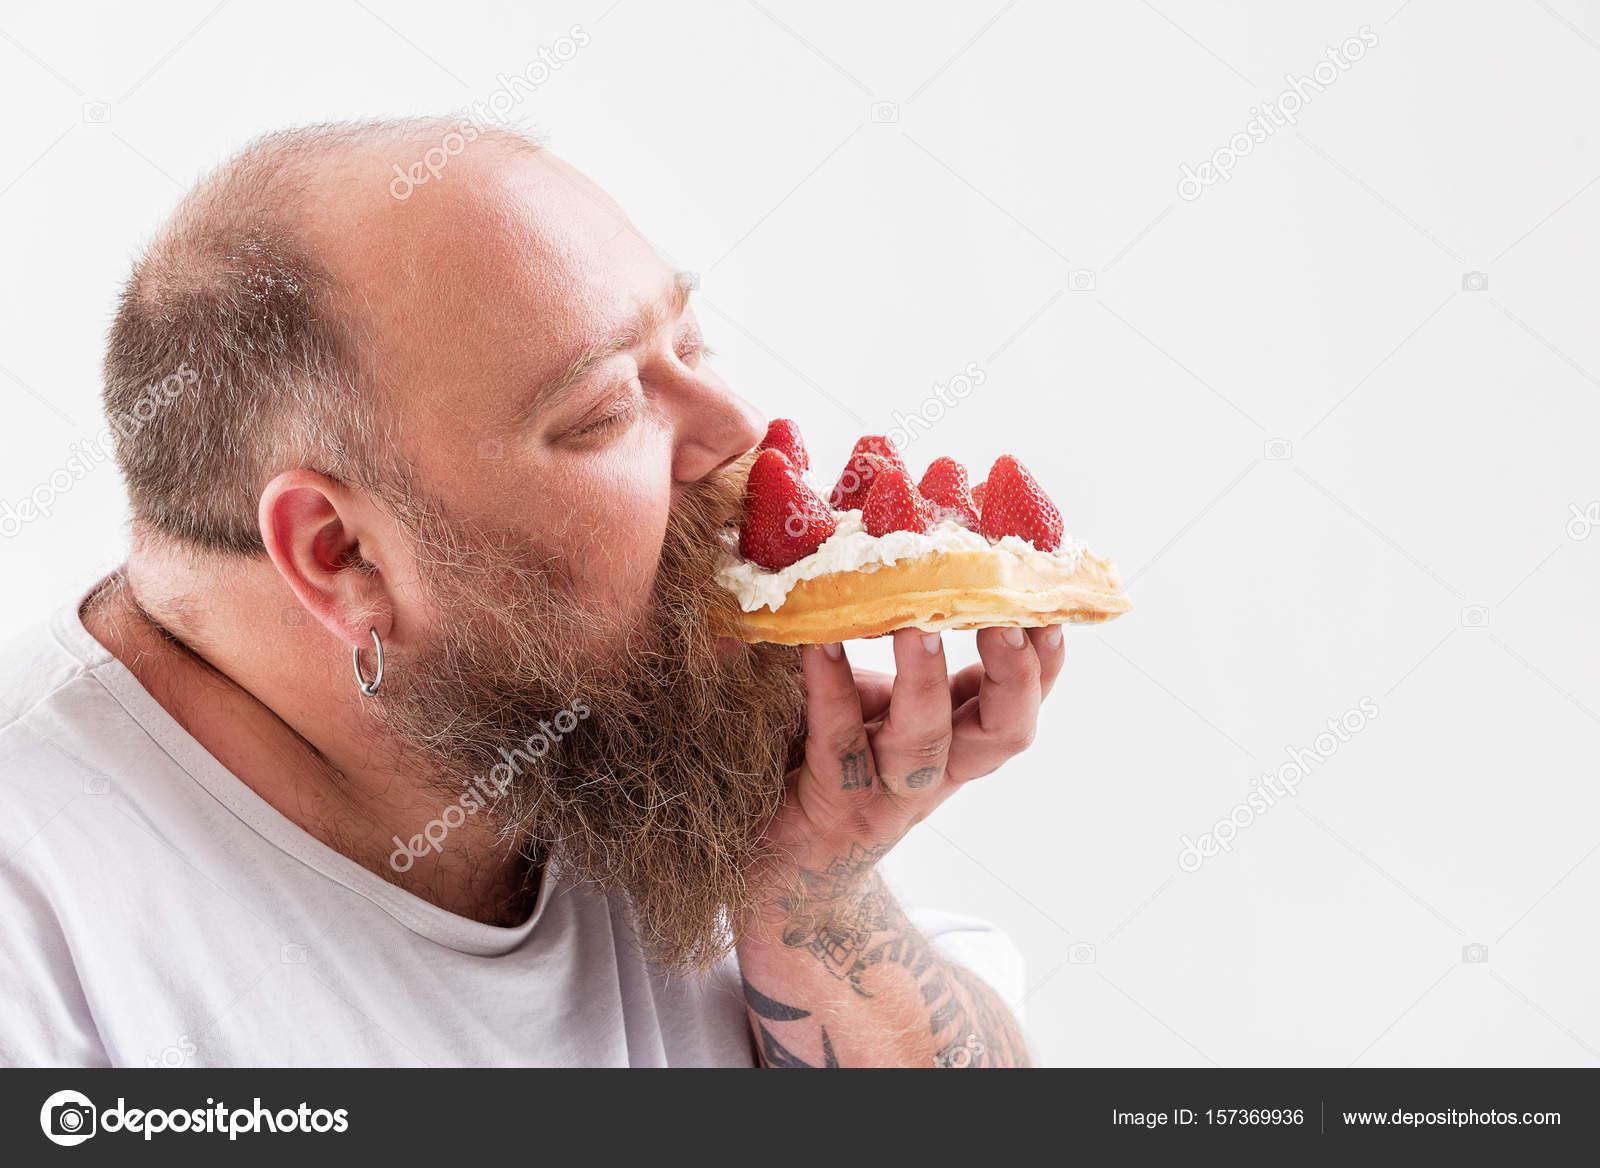 Entspannte Mannlichen Fatso Lecker Kuchen Essen Stockfoto